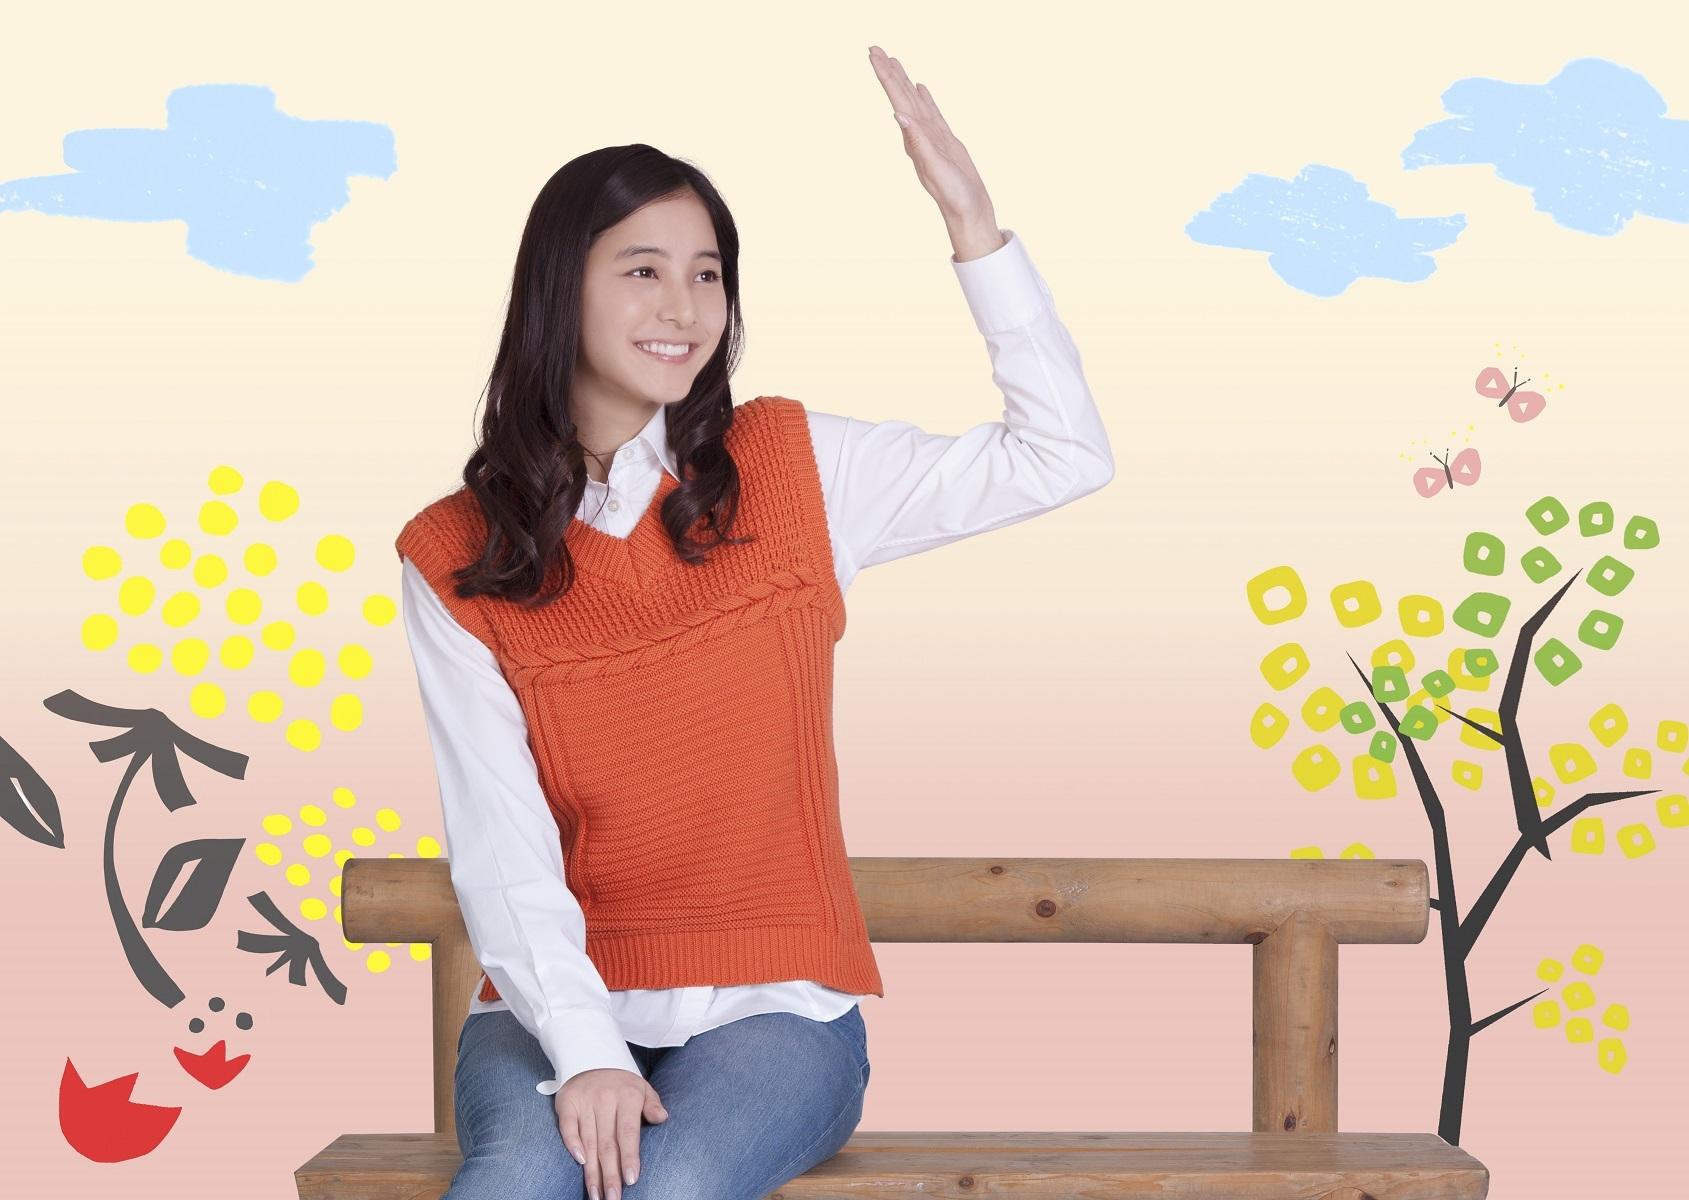 映画『僕らのごはんは明日で待ってる』  新木優子 (C)2017『僕らのごはんは明日で待ってる』製作委員会